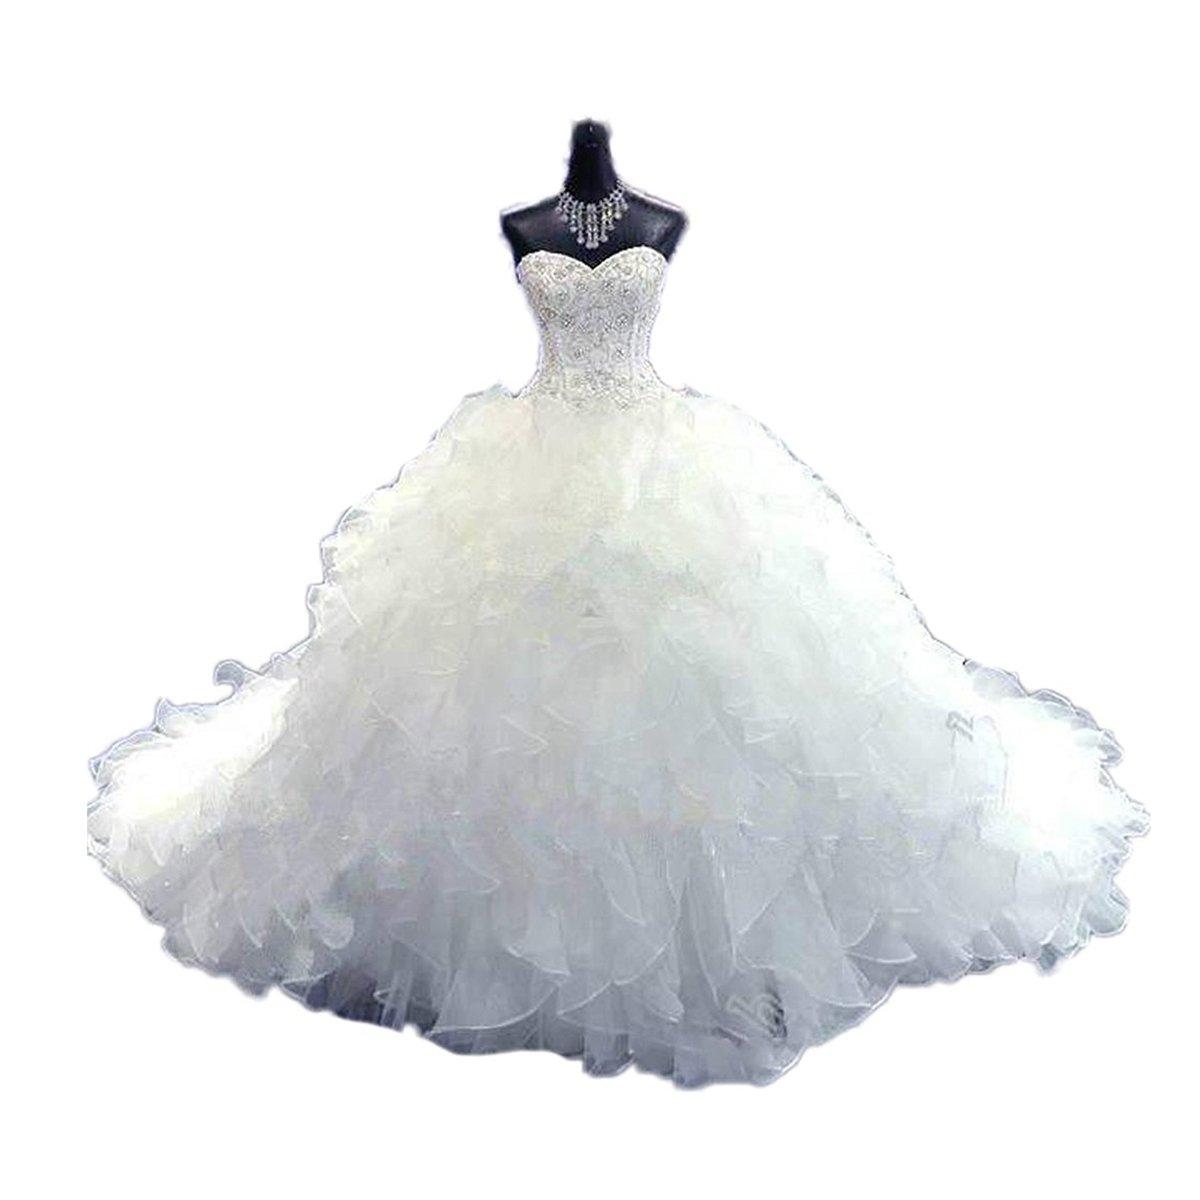 Atemberaubend Hochzeitskleid Display Box Bilder - Brautkleider Ideen ...